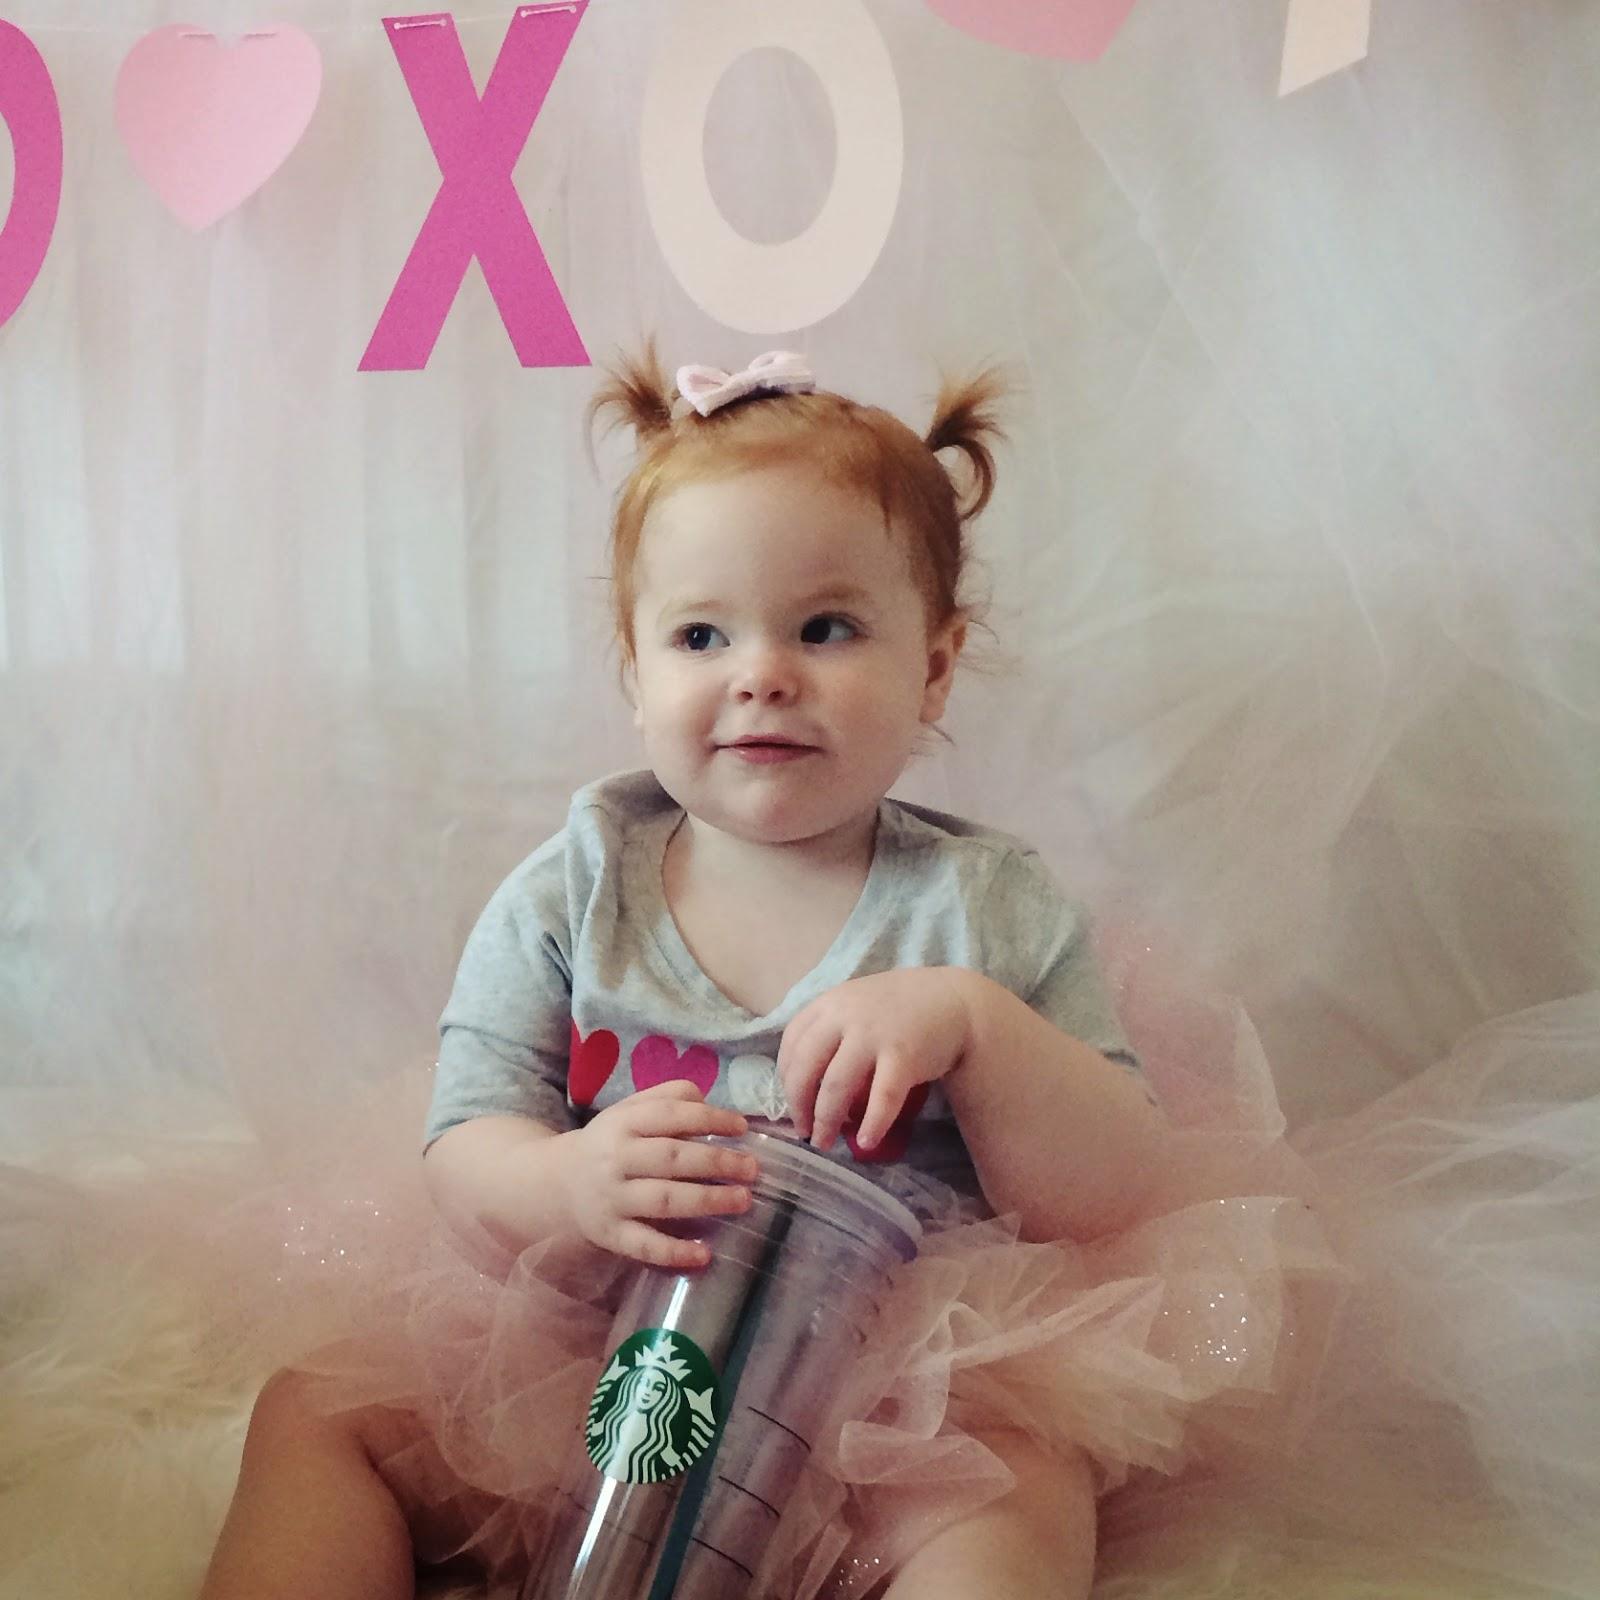 Veronika S Blushing Harper S Nursery Updated: Veronika's Blushing: Valentine Fun